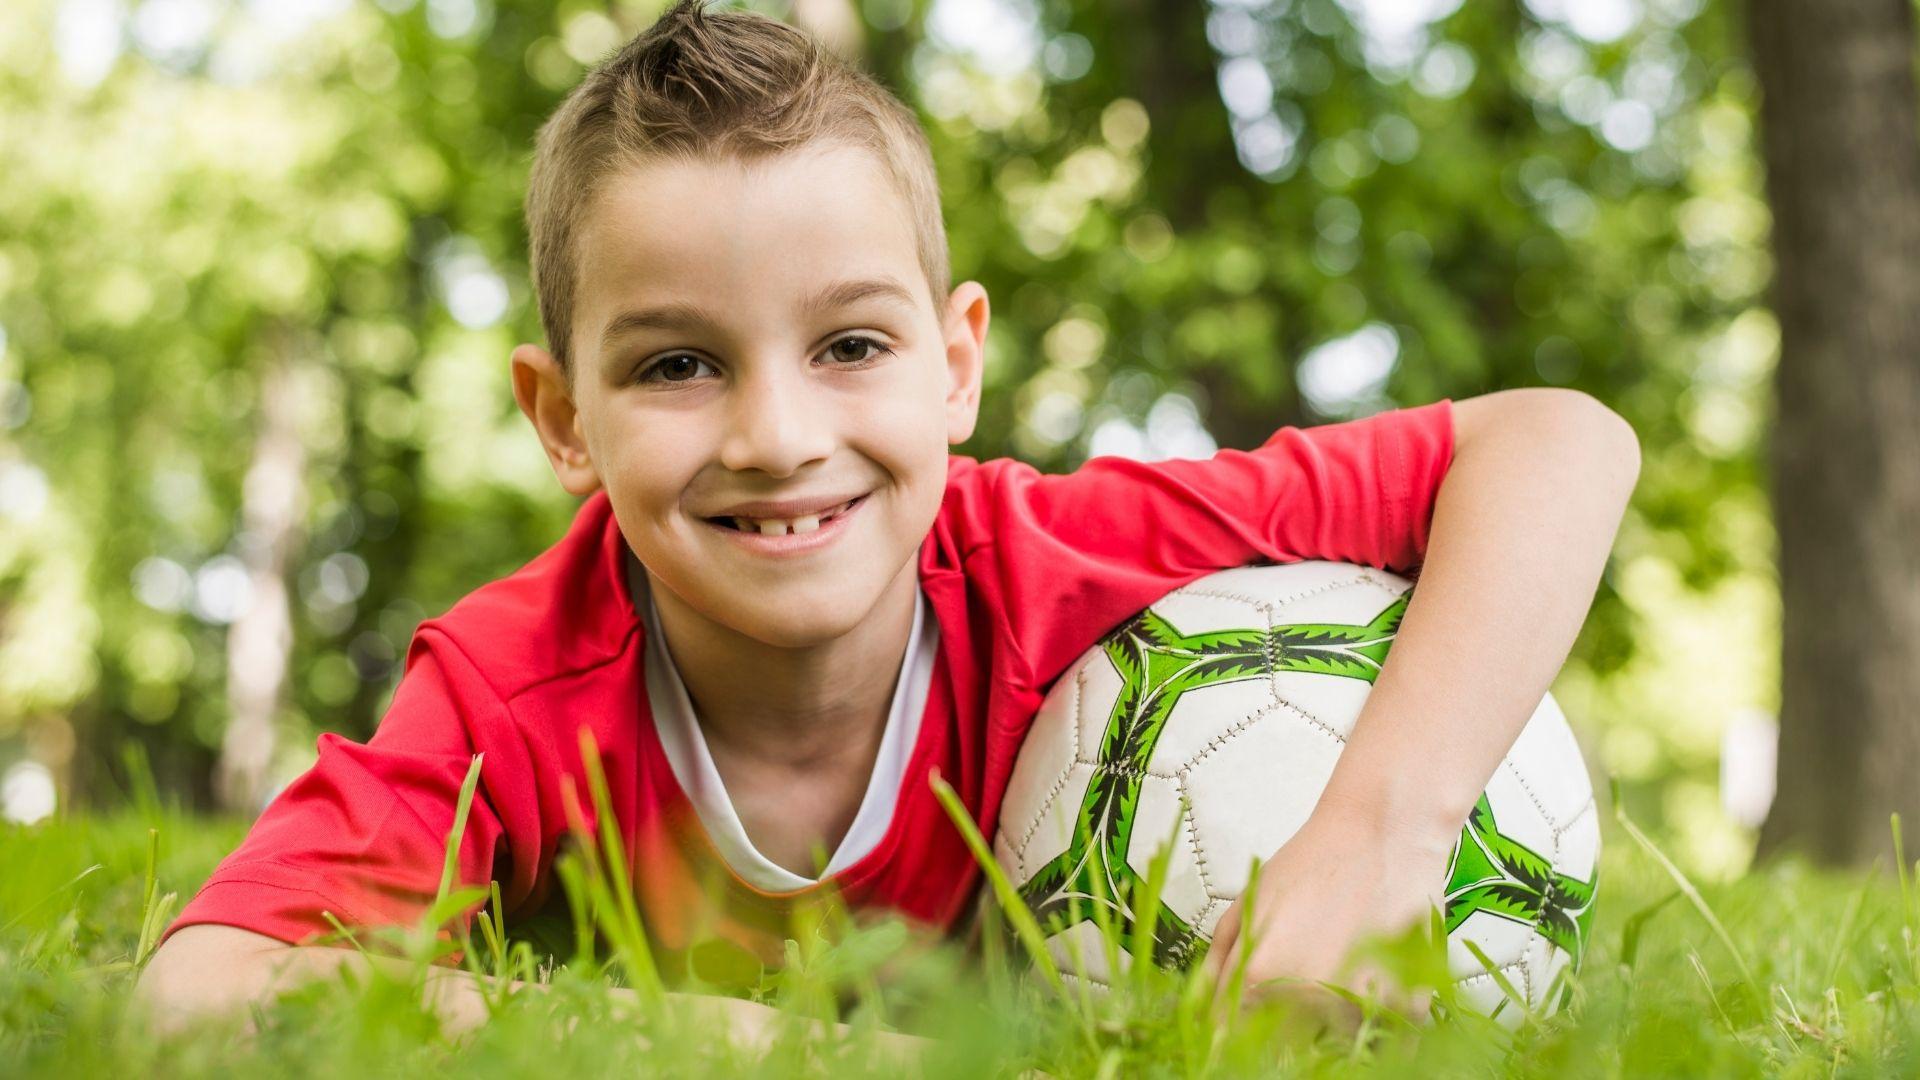 Futbolla Büyüyen Çocukların Artıları